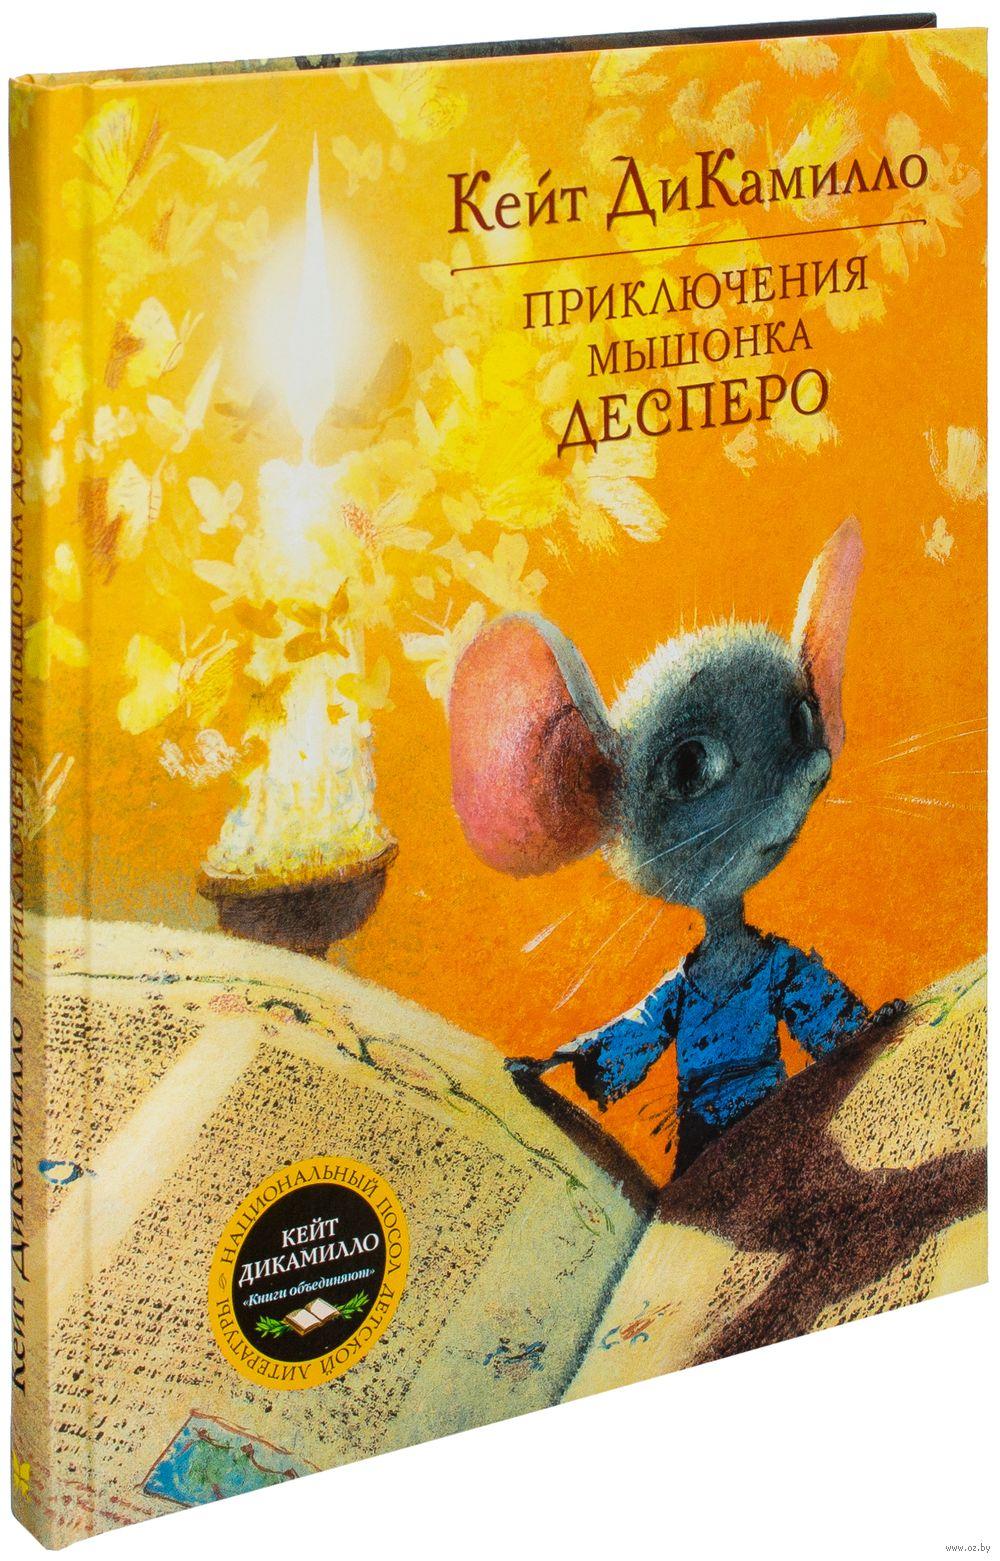 Приключения мышонка десперо скачать книгу